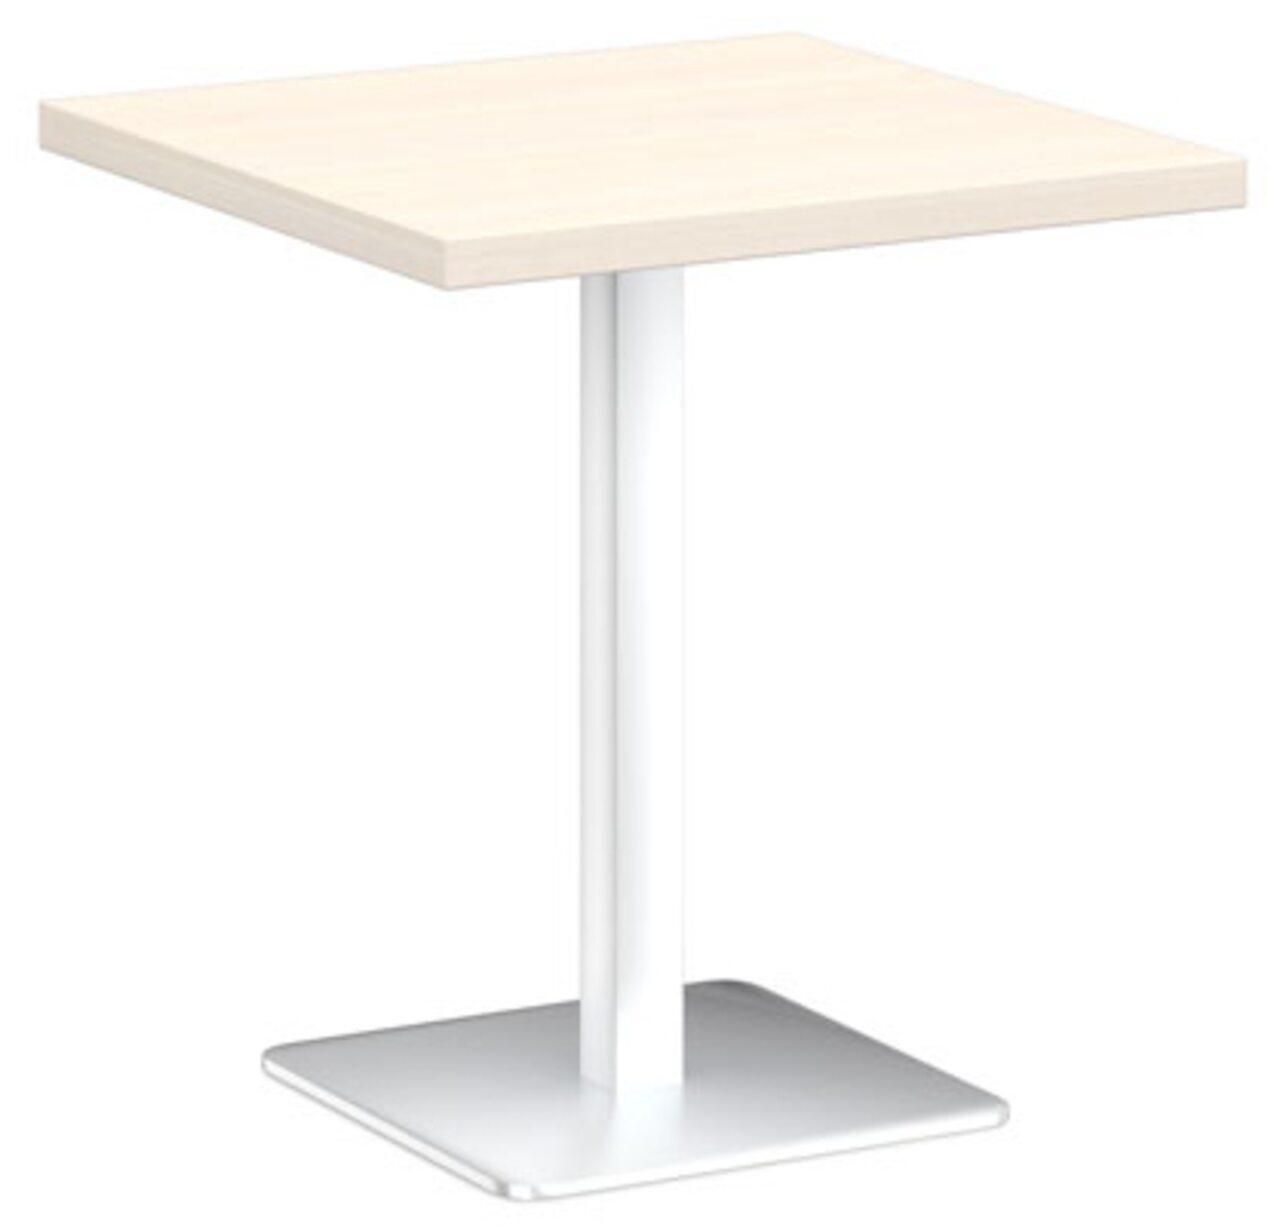 Стол на металлической опоре - фото 3